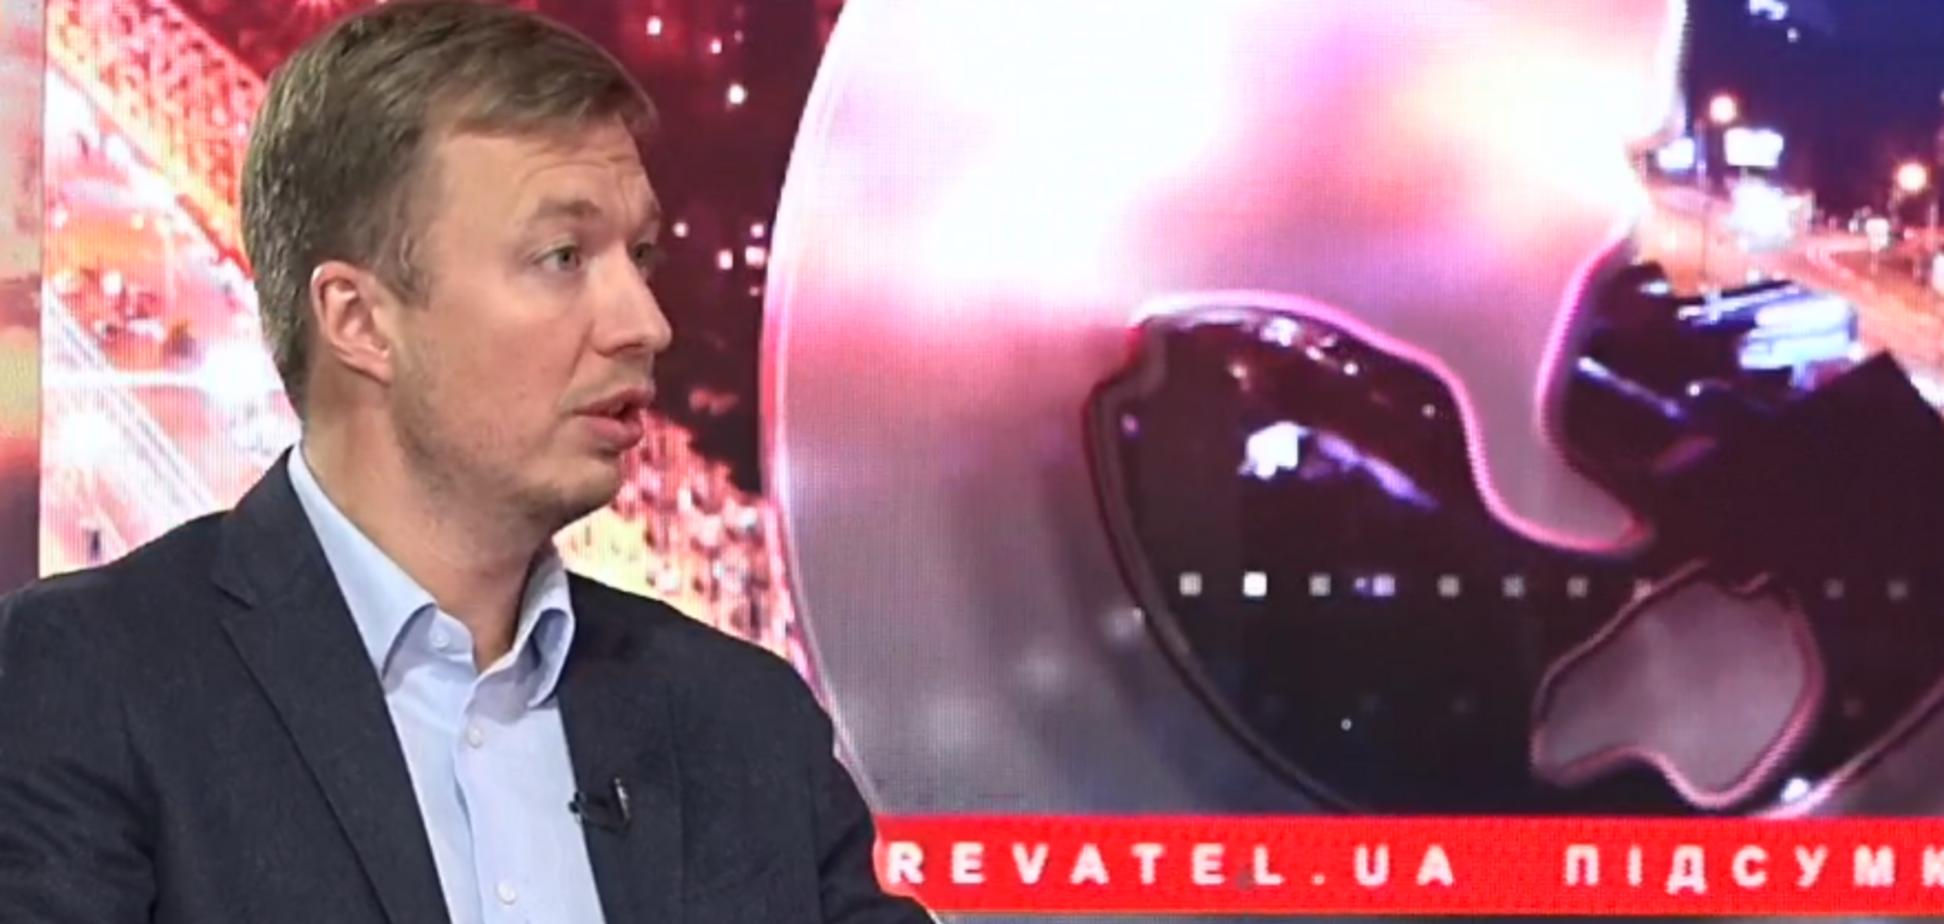 '' Війна не тільки на фронті '': Ніколаєнко заявляє, що Україна програє інформаційну війну